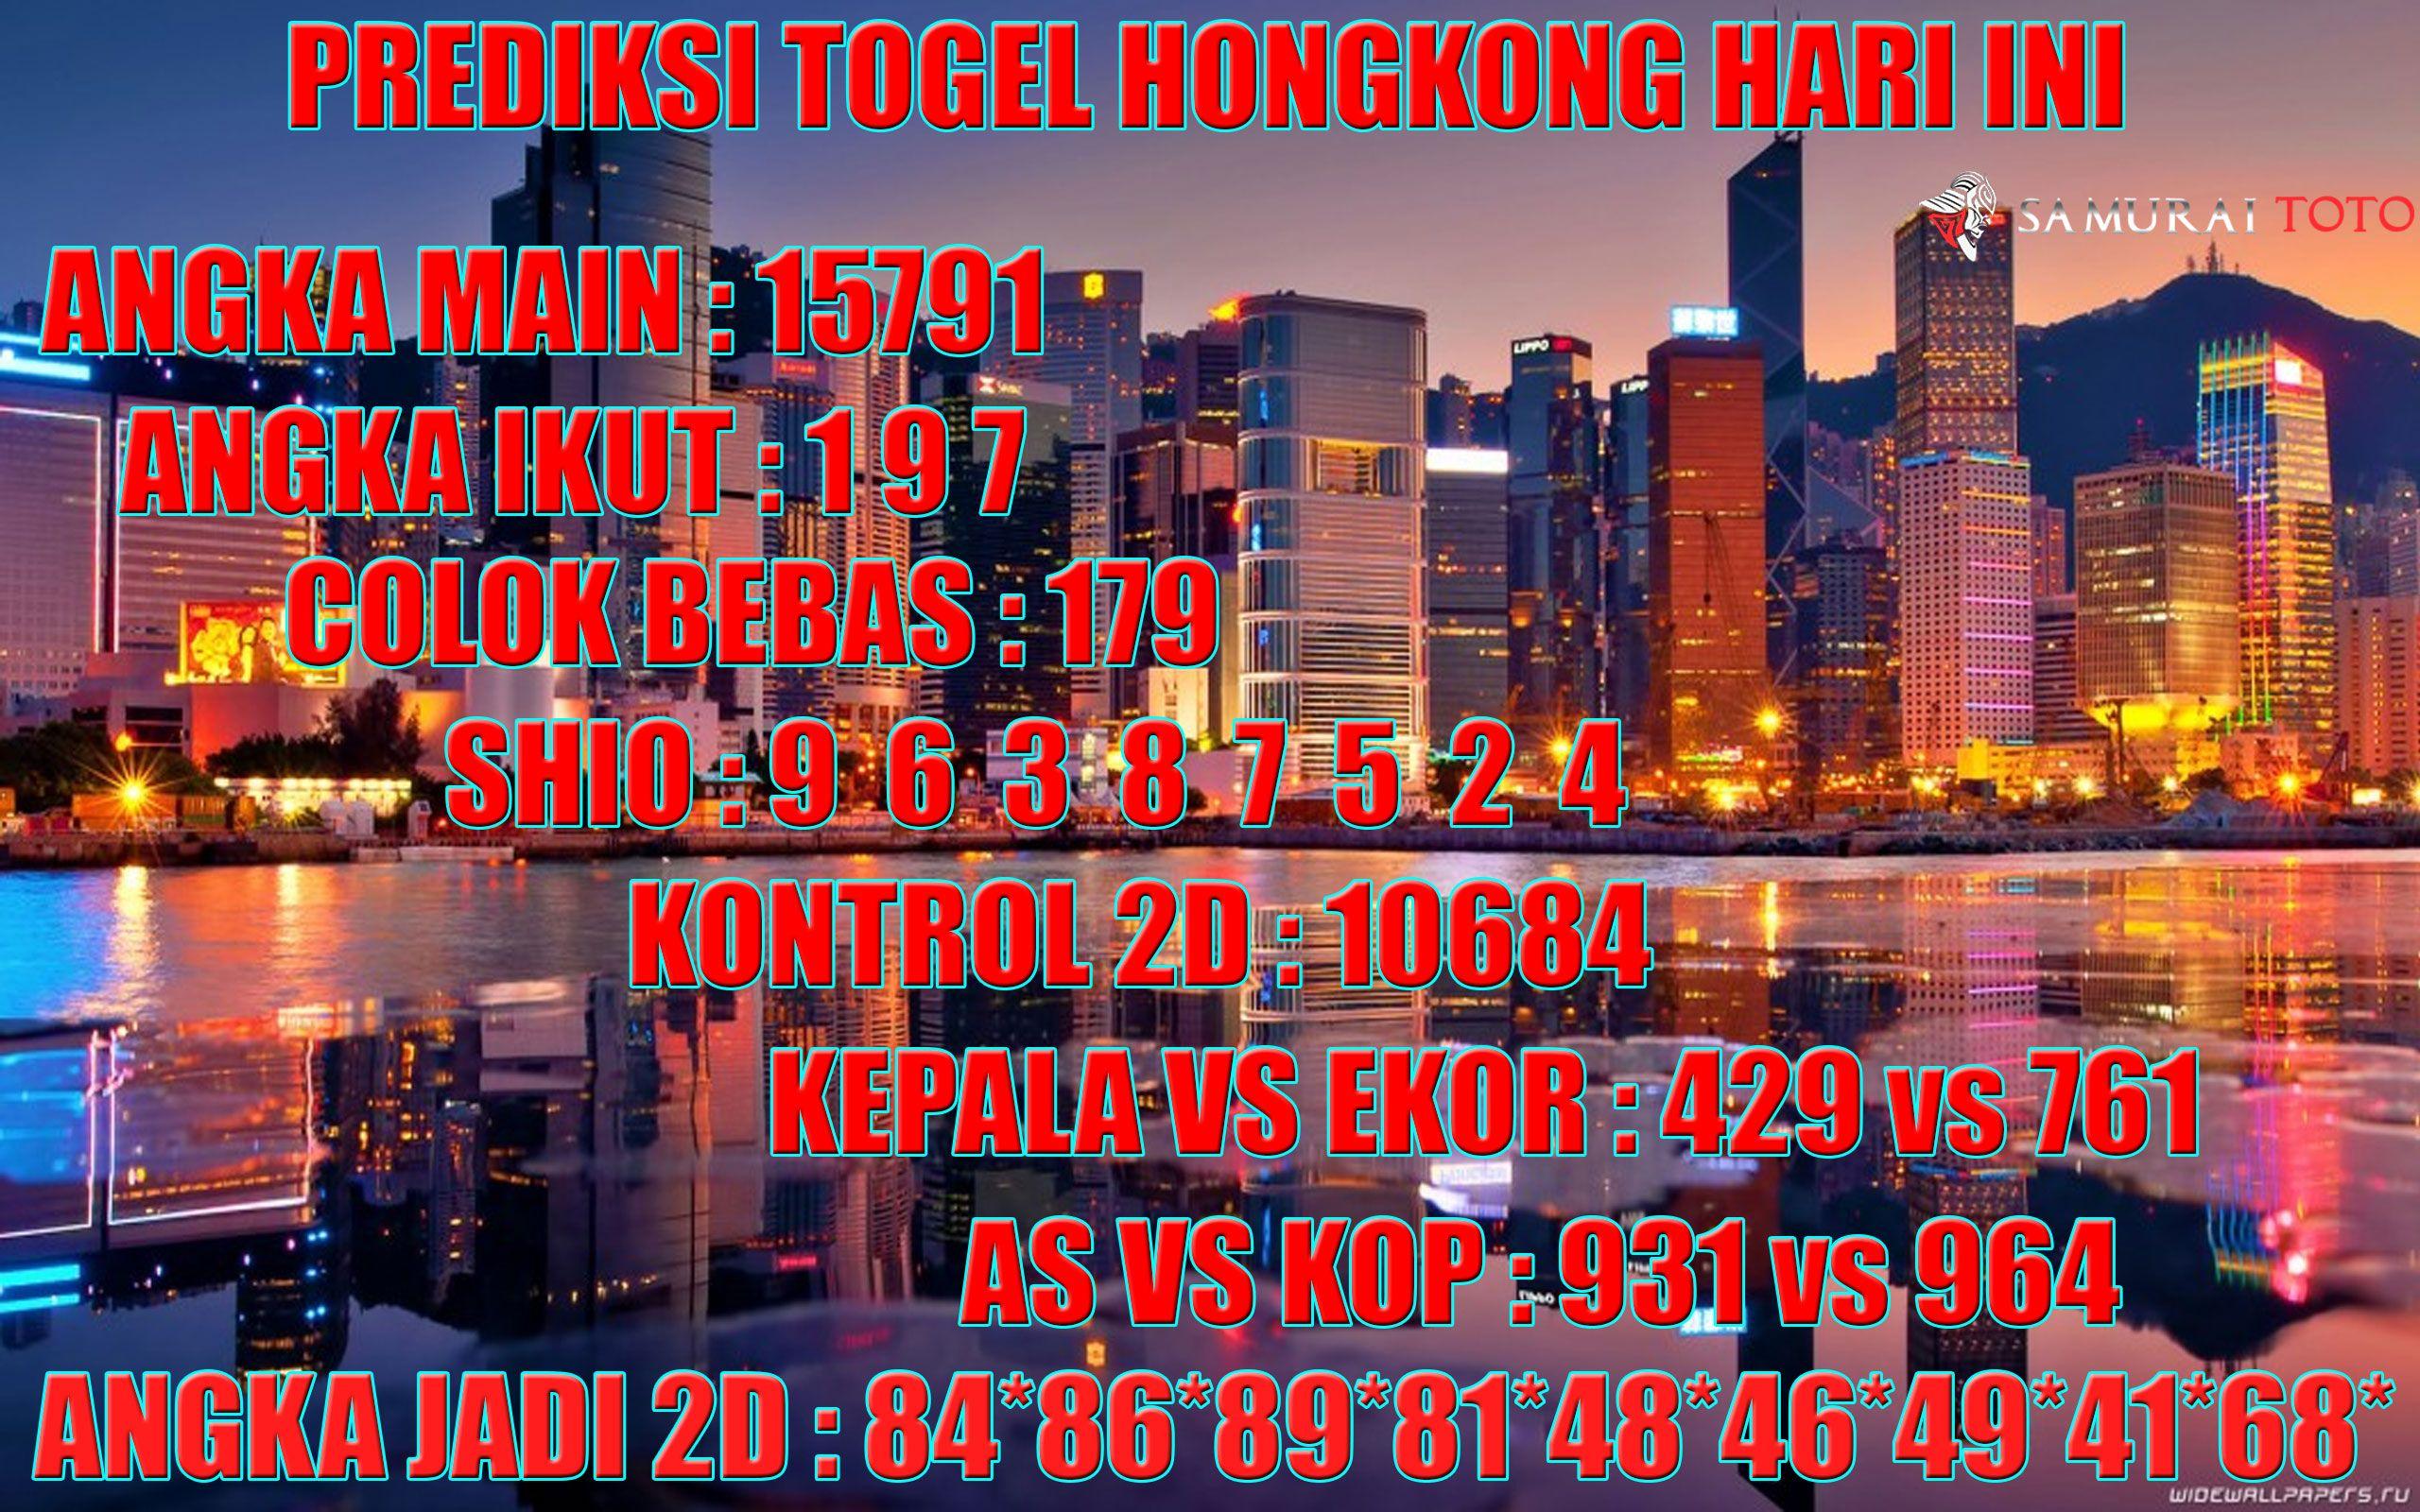 Prediksi Togel HK Pools Minggu 25 Februari 2018 Angka Main